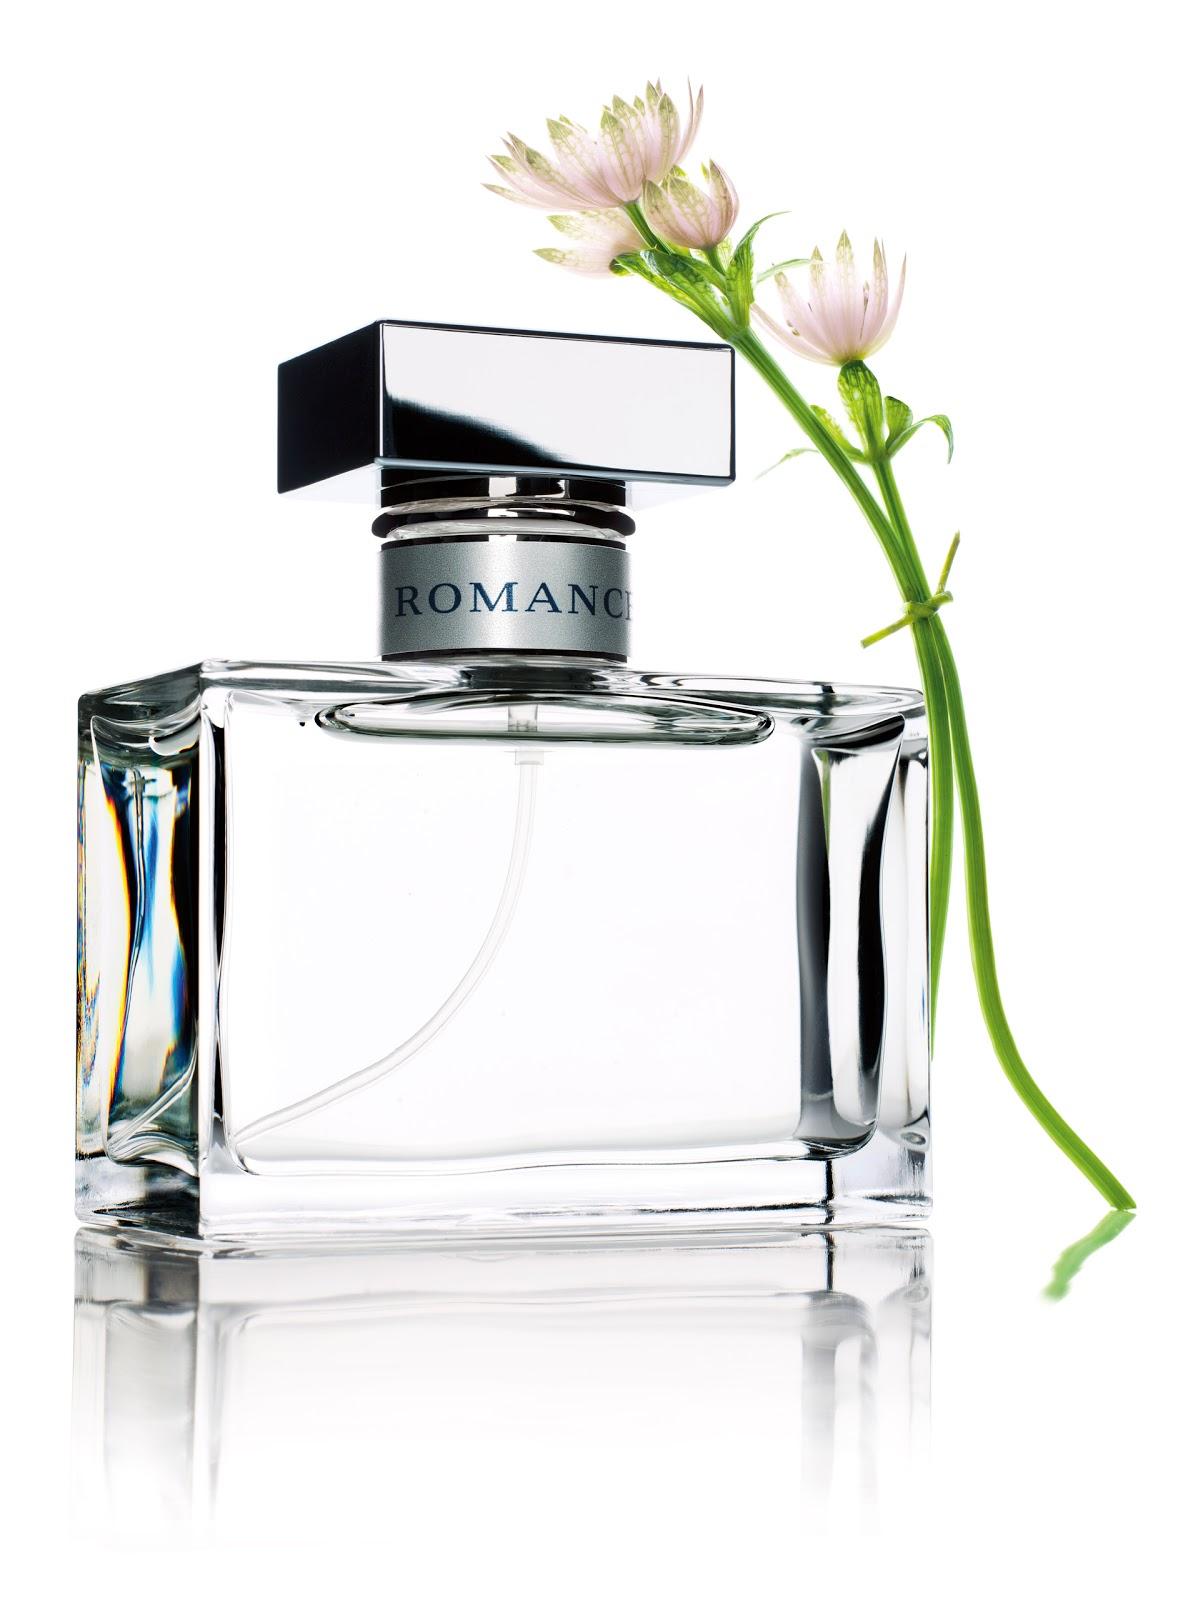 http://2.bp.blogspot.com/-pPSBIvygejk/TxeSQ4VY-AI/AAAAAAAAHb8/0je1rNrXKqQ/s1600/Ralph+Lauren+Romance+Fragrance.jpg